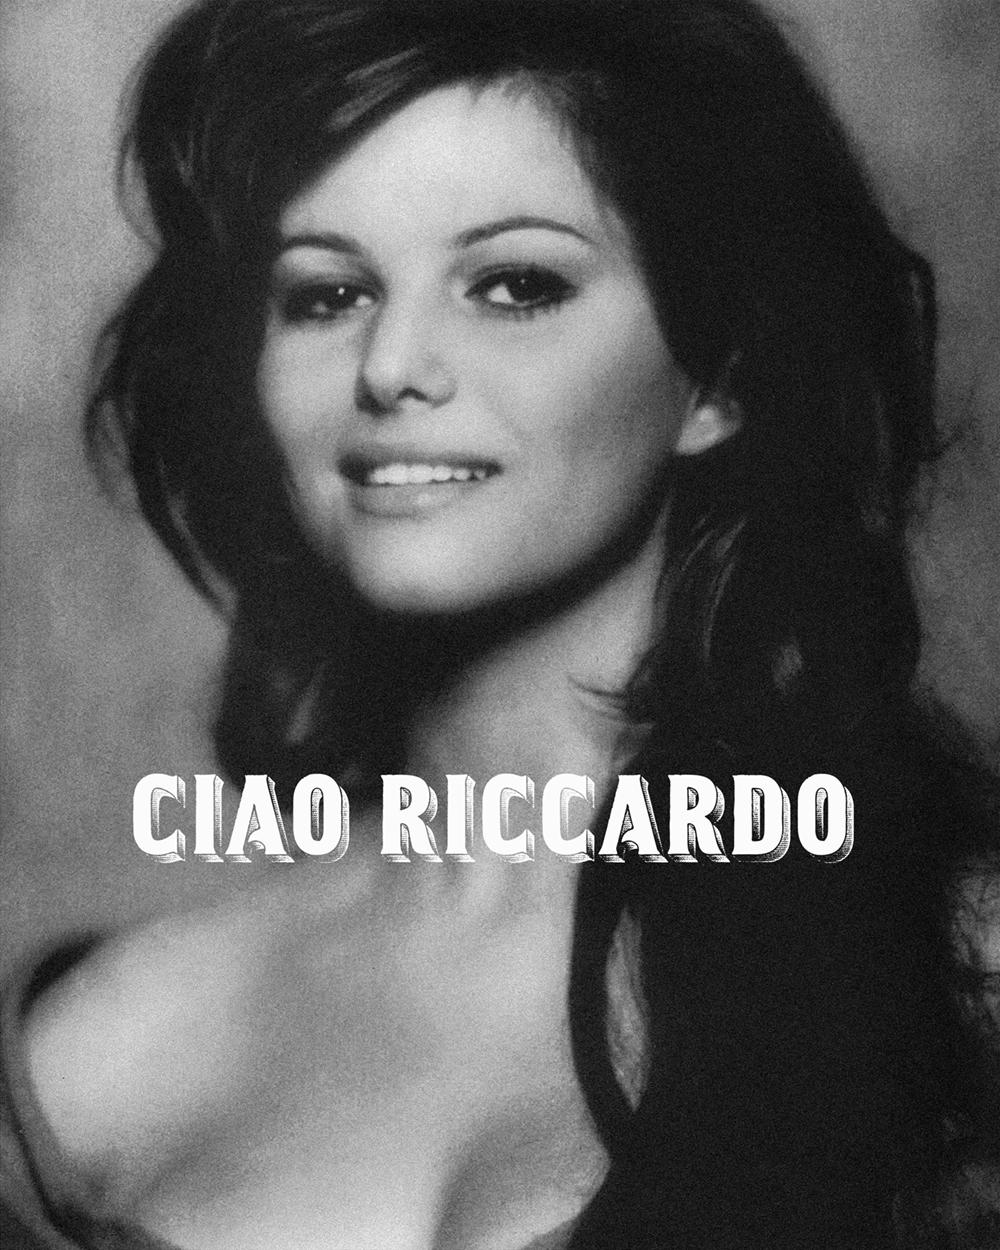 8x10_V_CIAO_RICCARDO.jpg